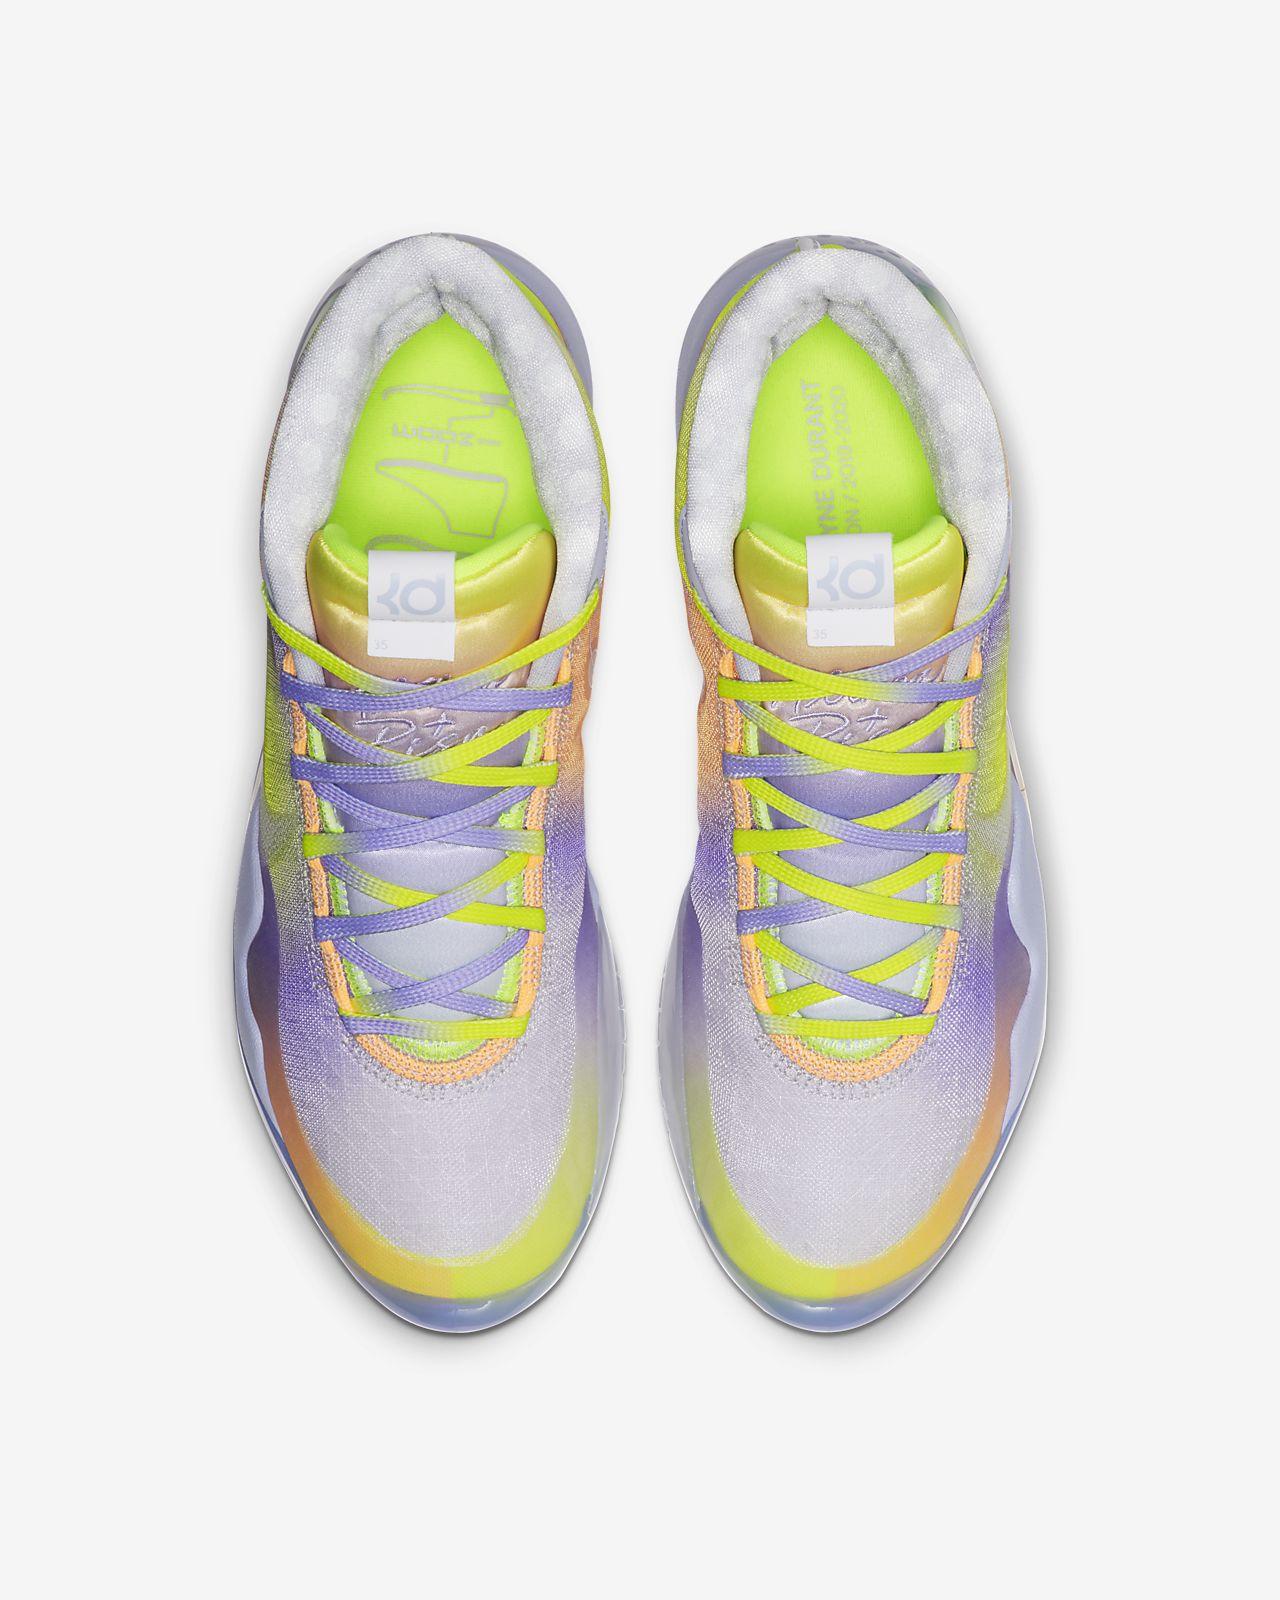 nike zoom kd12 zapatillas baloncesto y mucho más br0ff7121